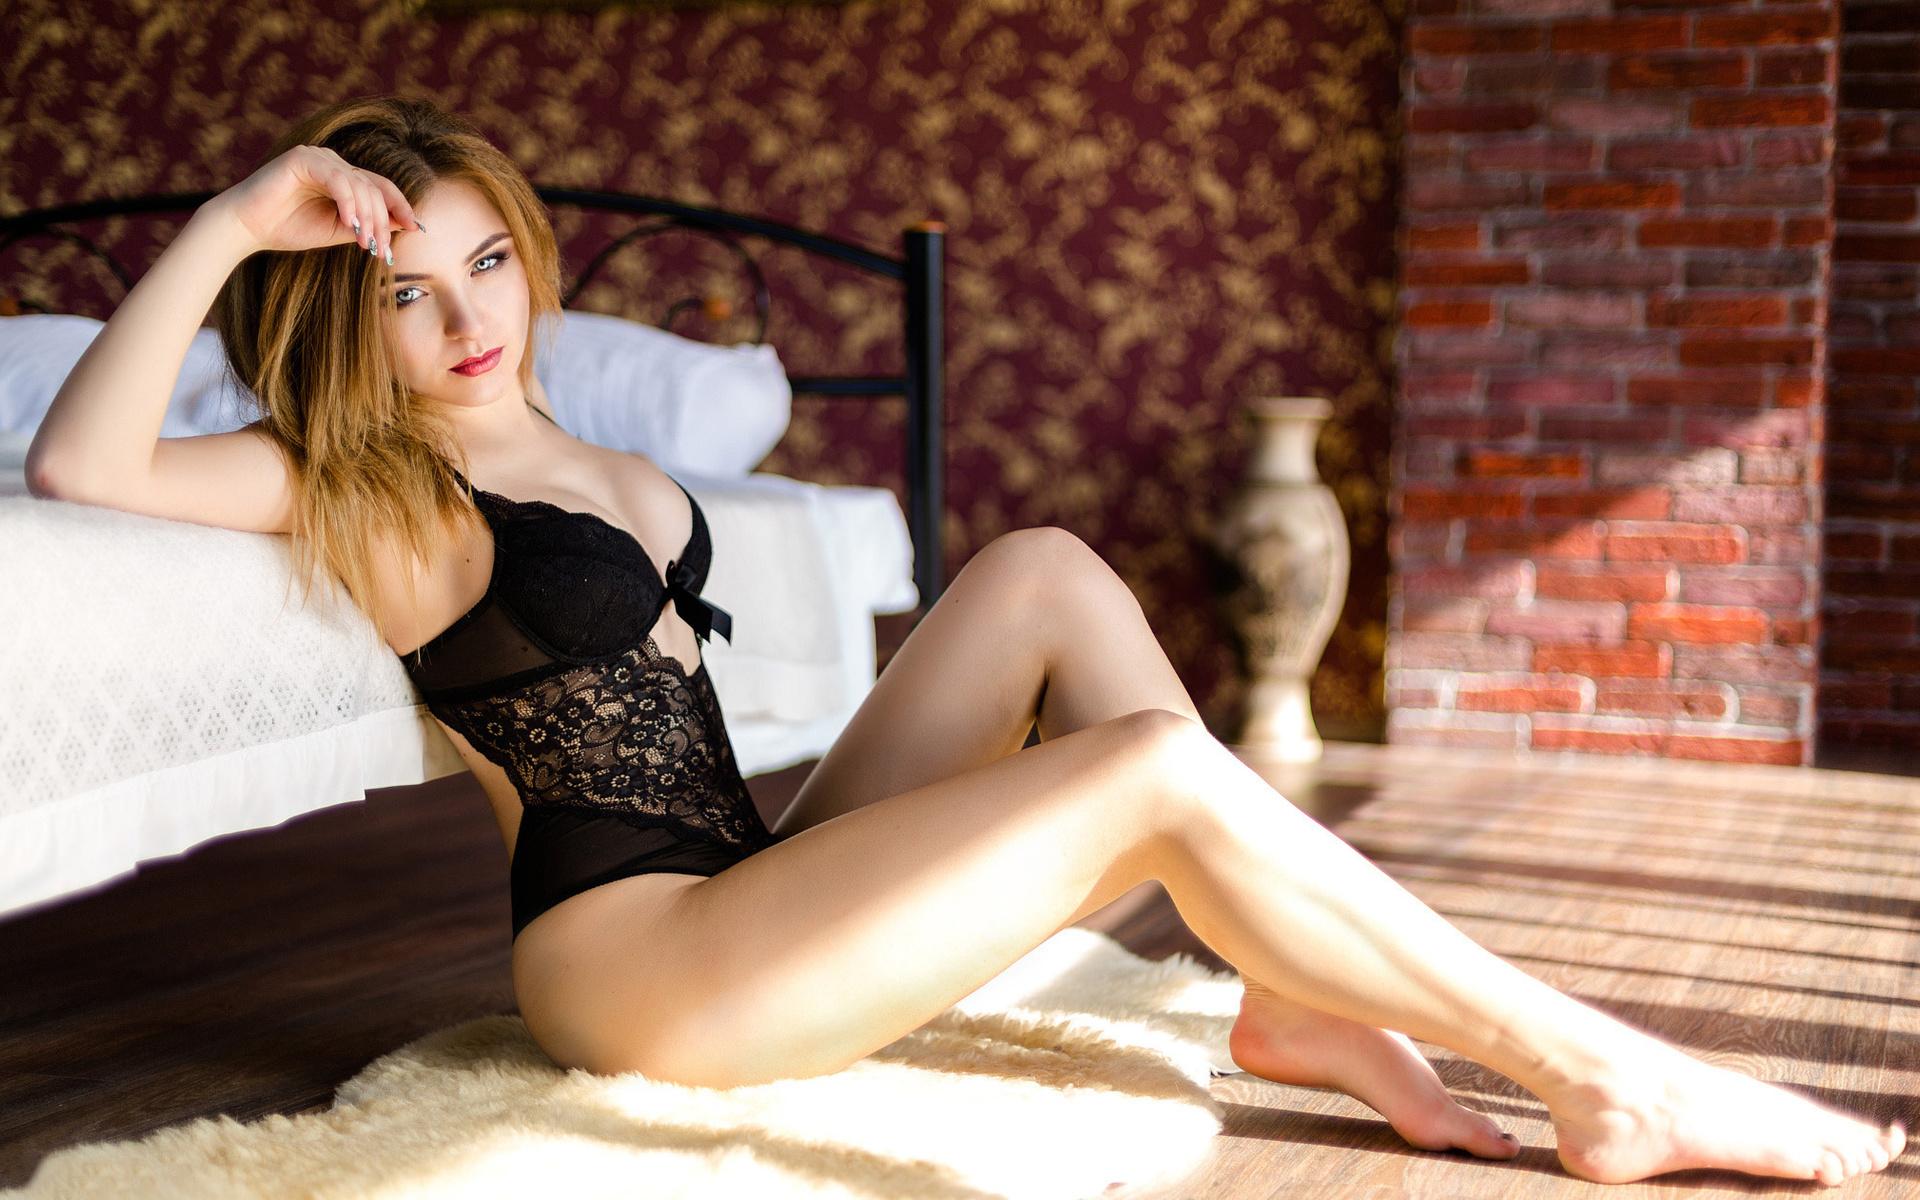 Sexy women beautiful russian women — photo 8